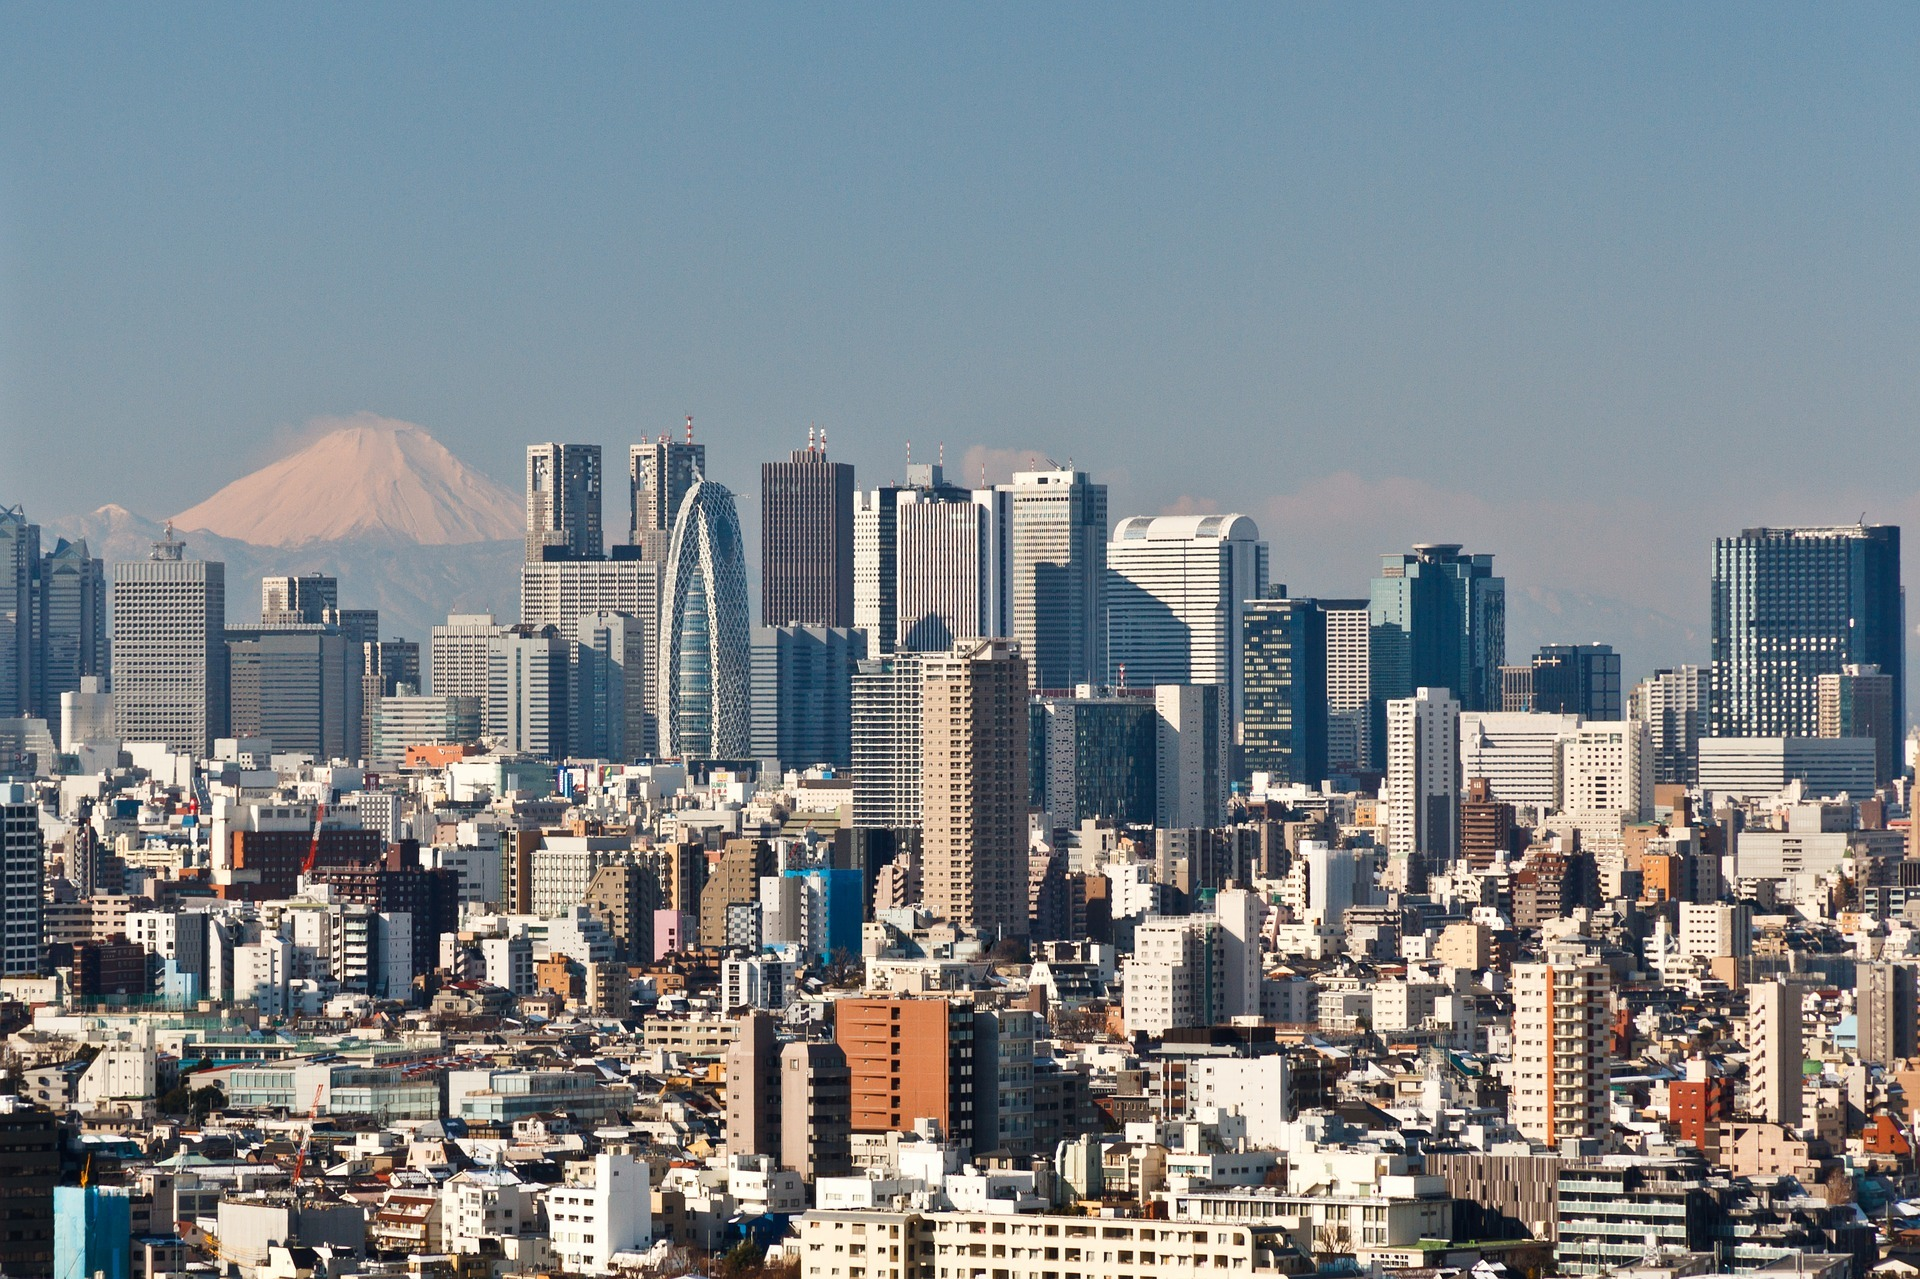 日本への渡航中止勧告、中東やアフリカなど17の国と地域を追加